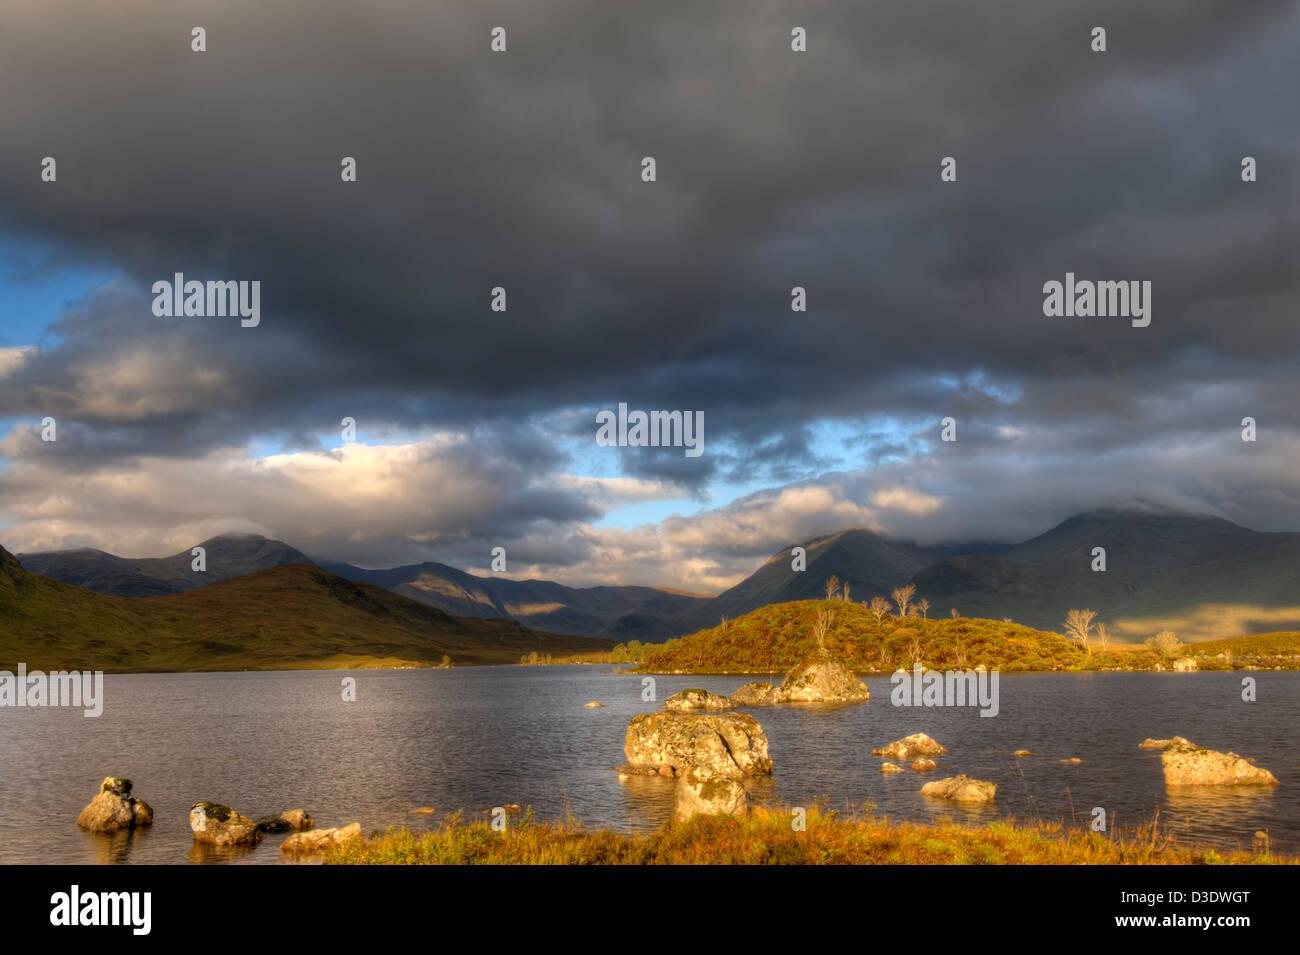 Rannoch moor, scotland. - Stock Image